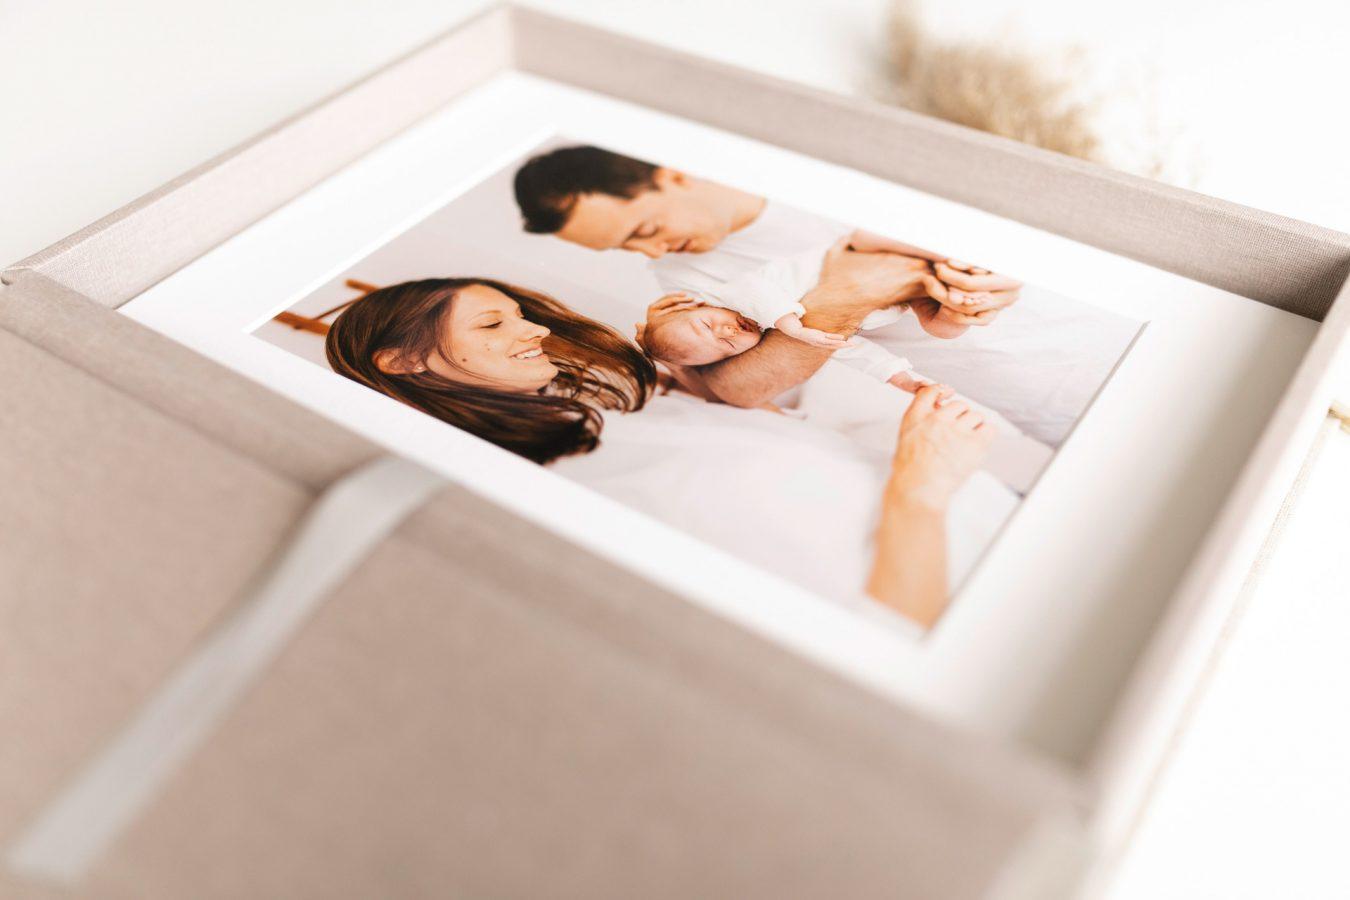 Passpartout-Box Familienfotografie Leinen nPhoto